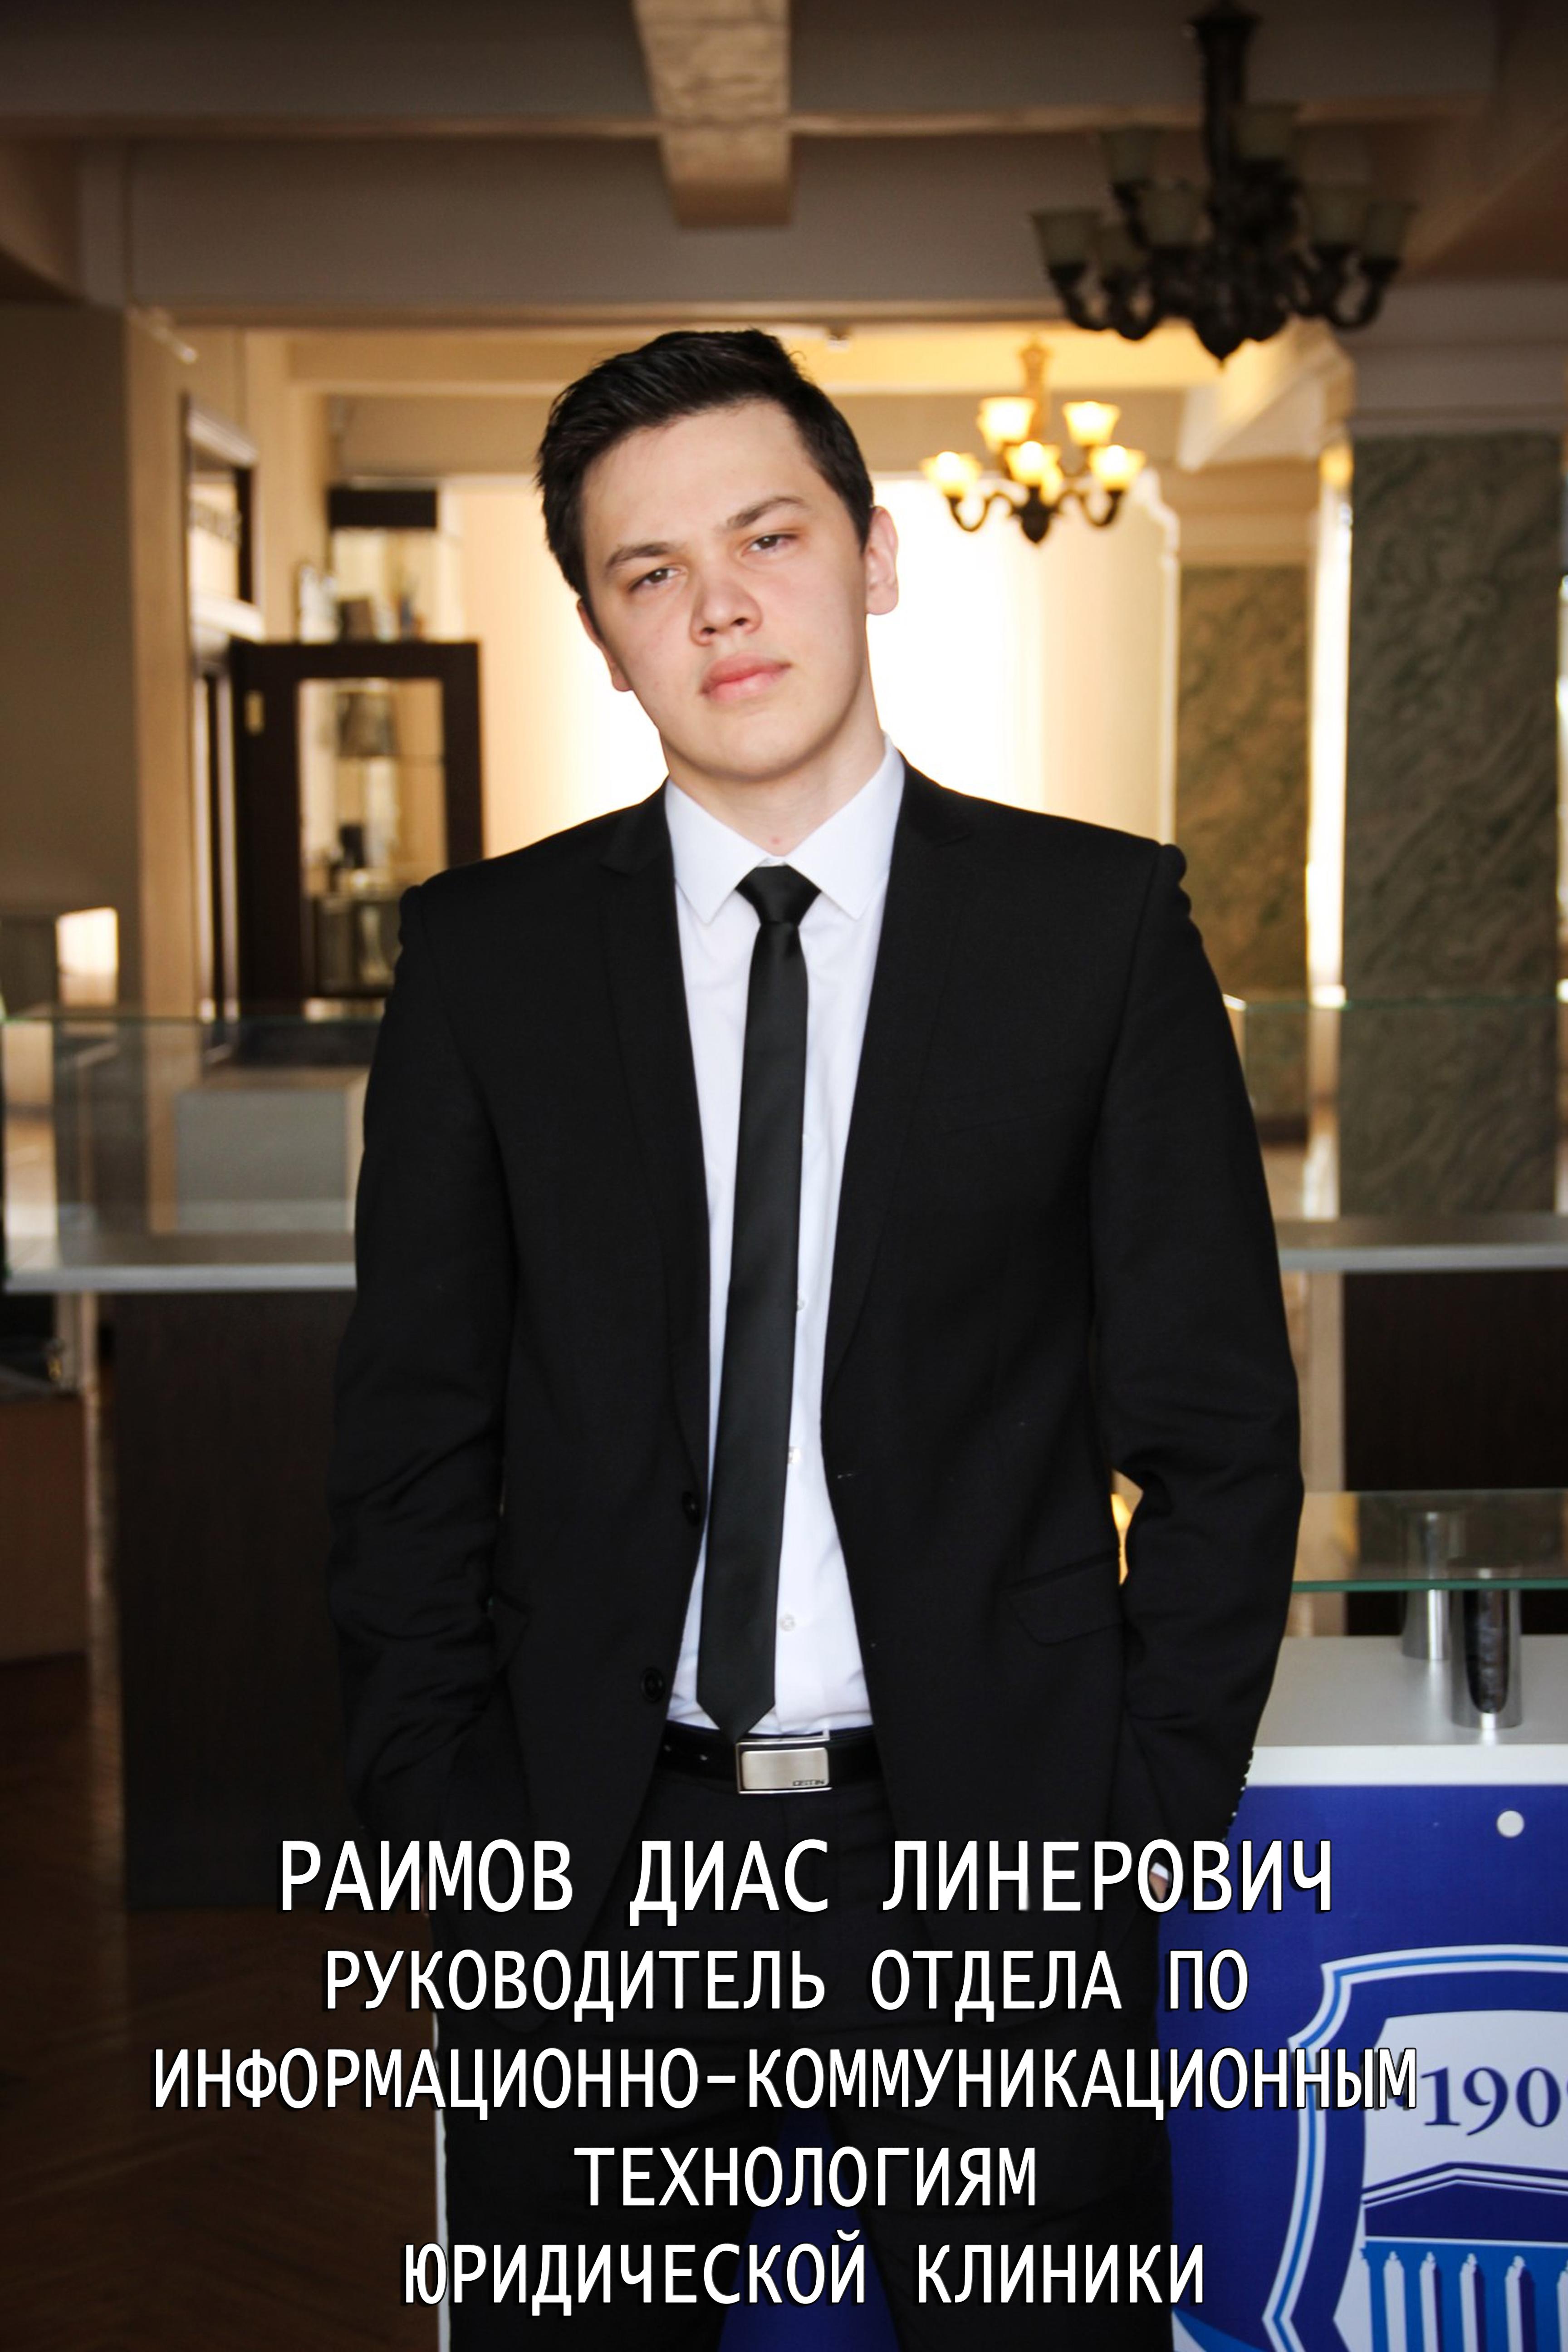 Раимов Диас